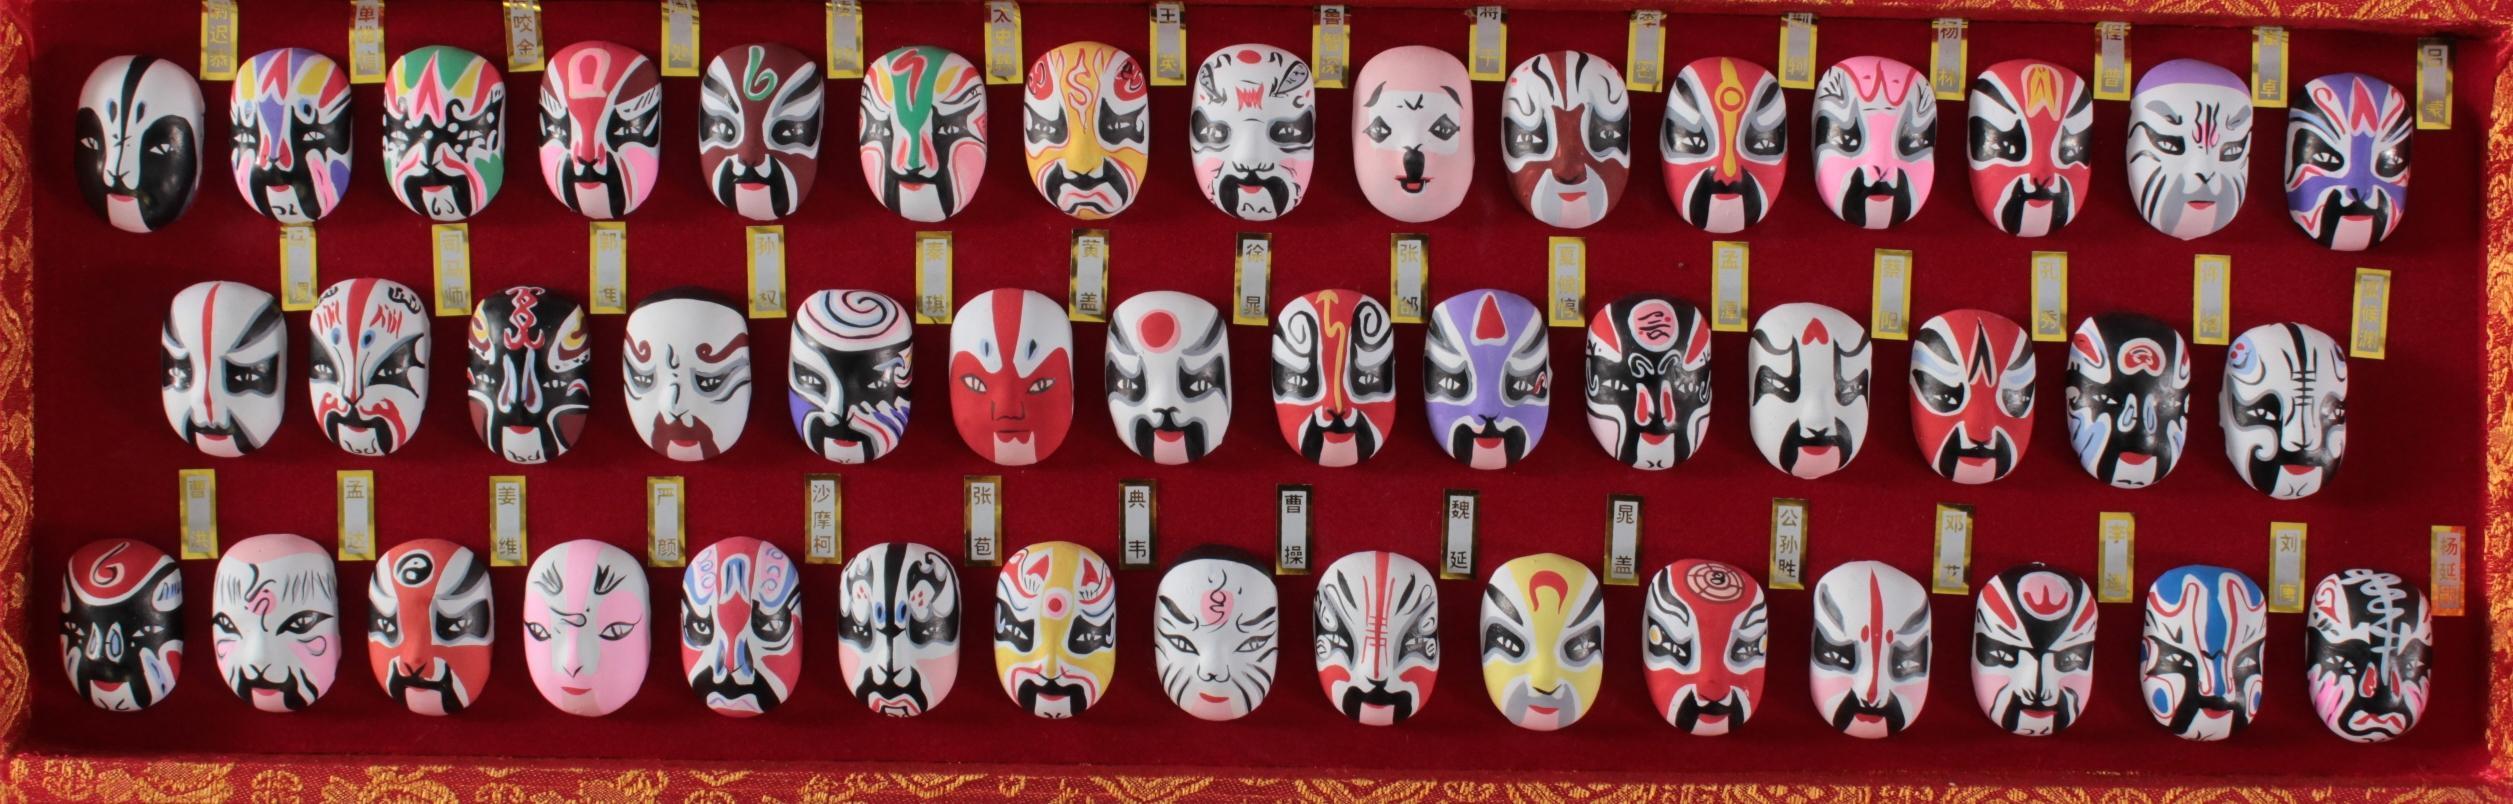 Traditionelle chinesische Miniaturmasken-2